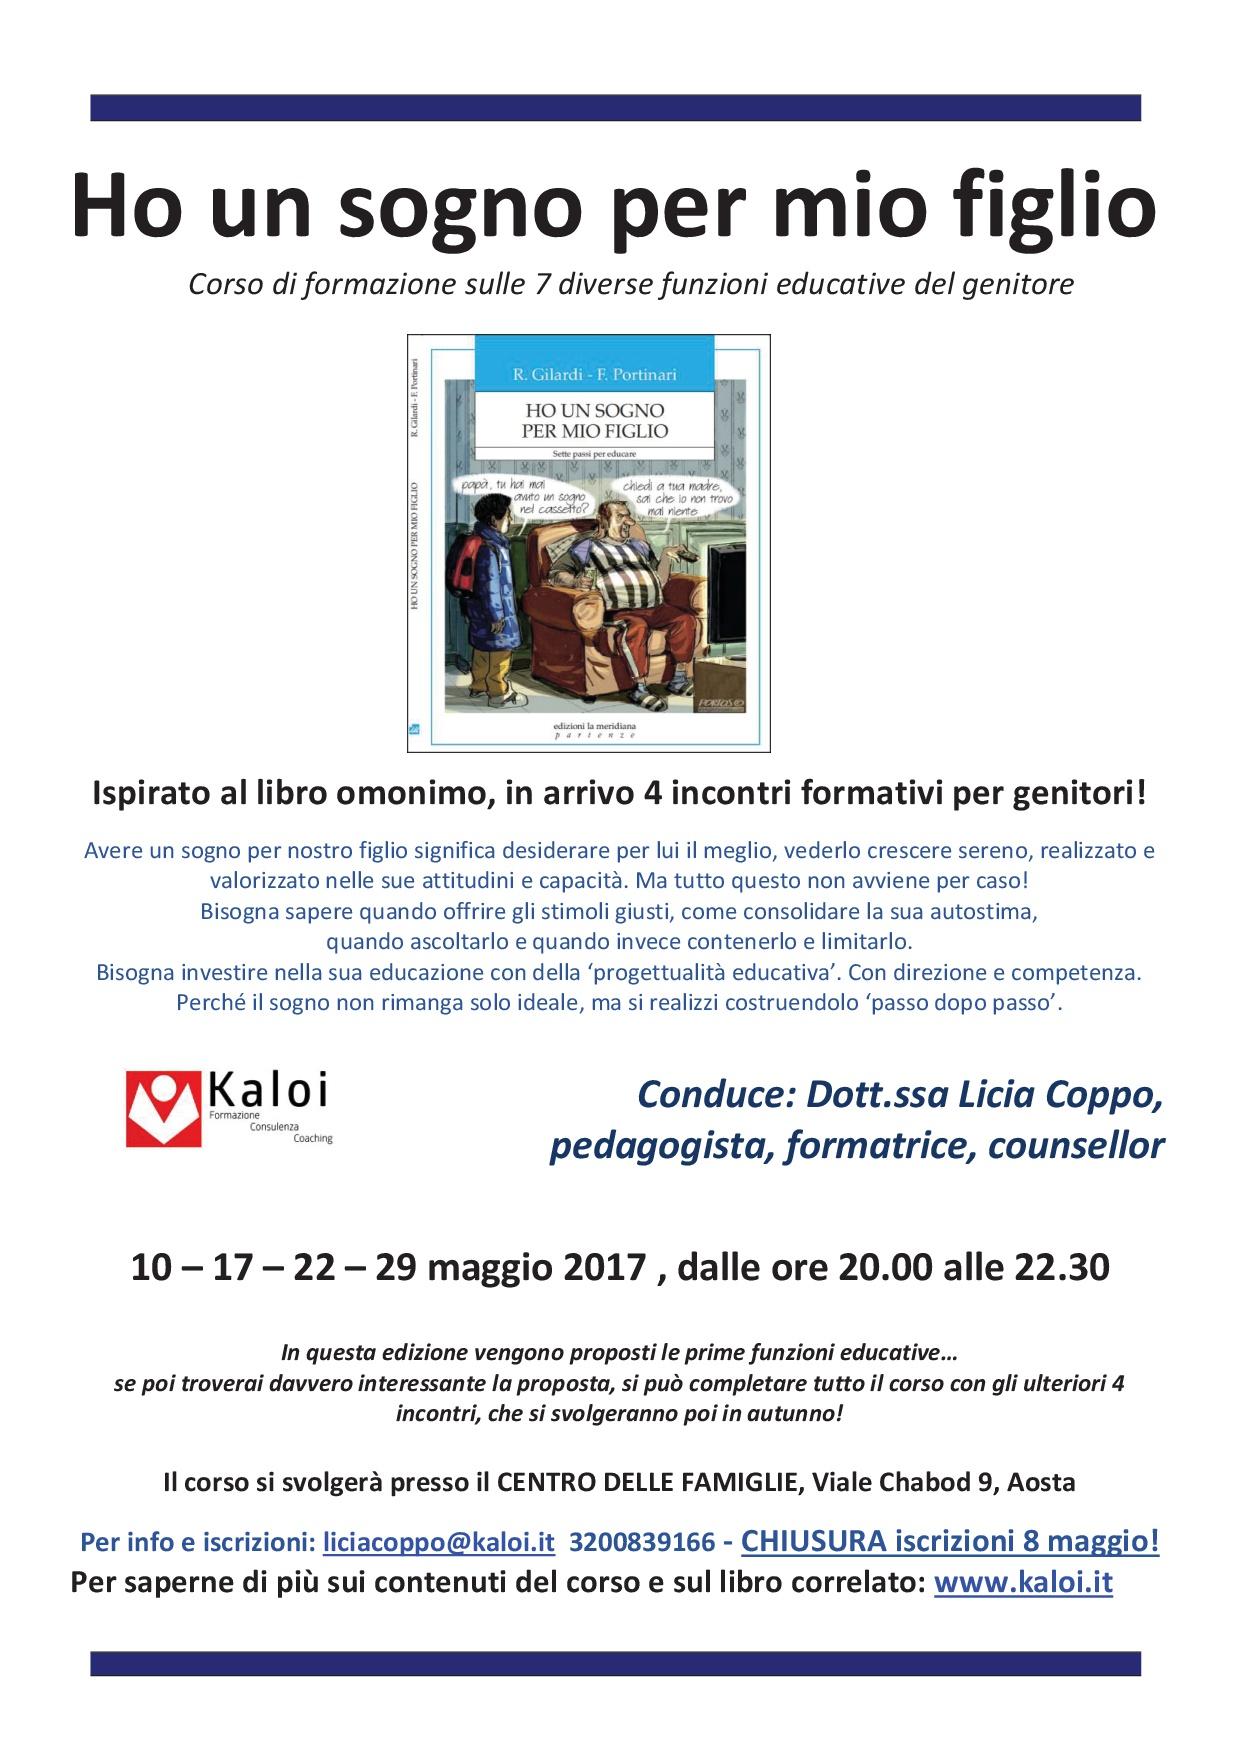 LOCANDINA corso HSF_maggio 2017_sede centro famiglie (1)